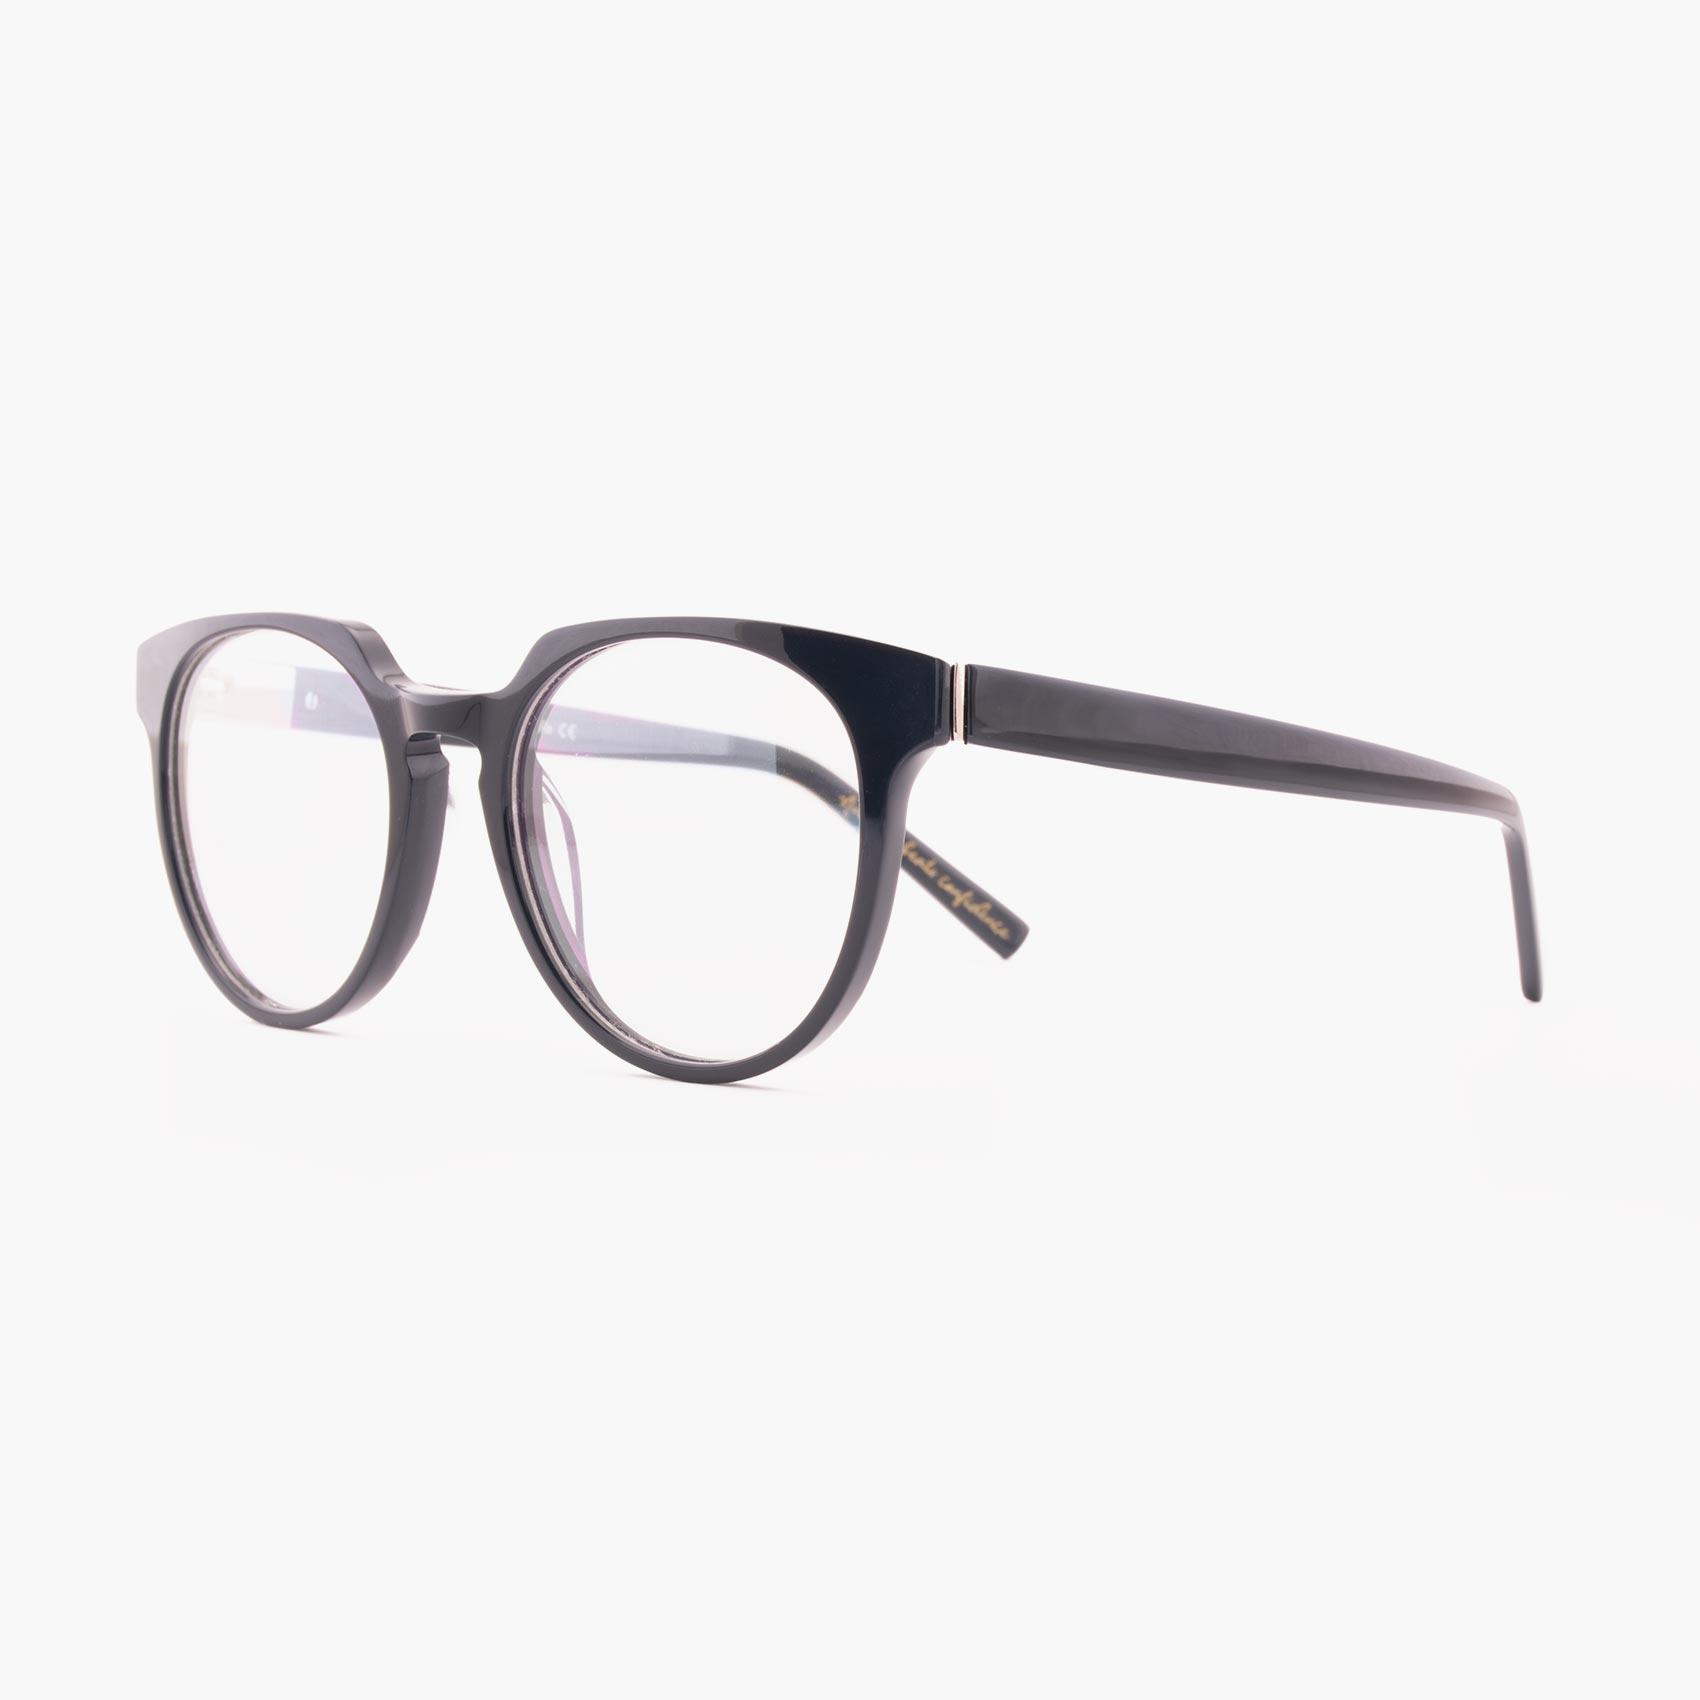 Proud eyewear Benigni C3 L montura con puente de cerradura azul oscuro